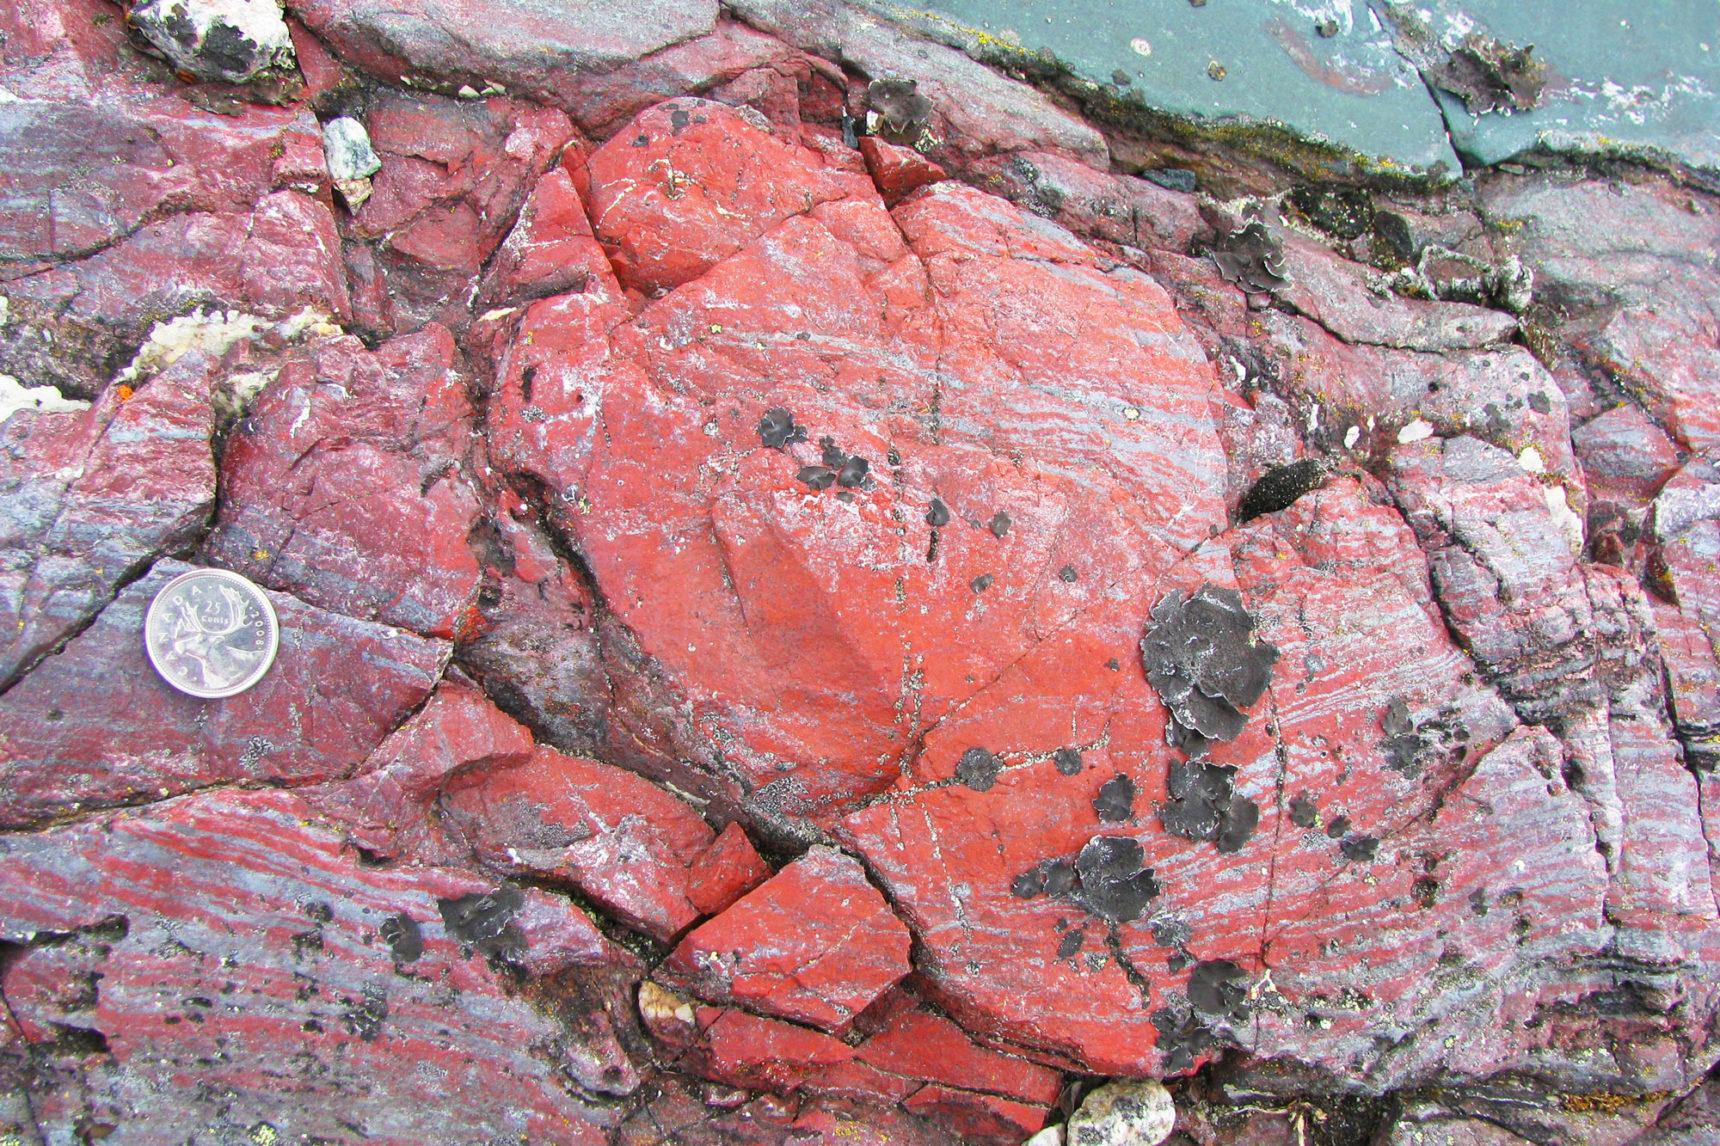 Ярко-красная скала в поясе Ньювуагиттук-Гринстоун, по-видимому, содержит трубчатые микрофоссилы, датируемые, по меньшей мере, 3,77 миллиарда лет назад.